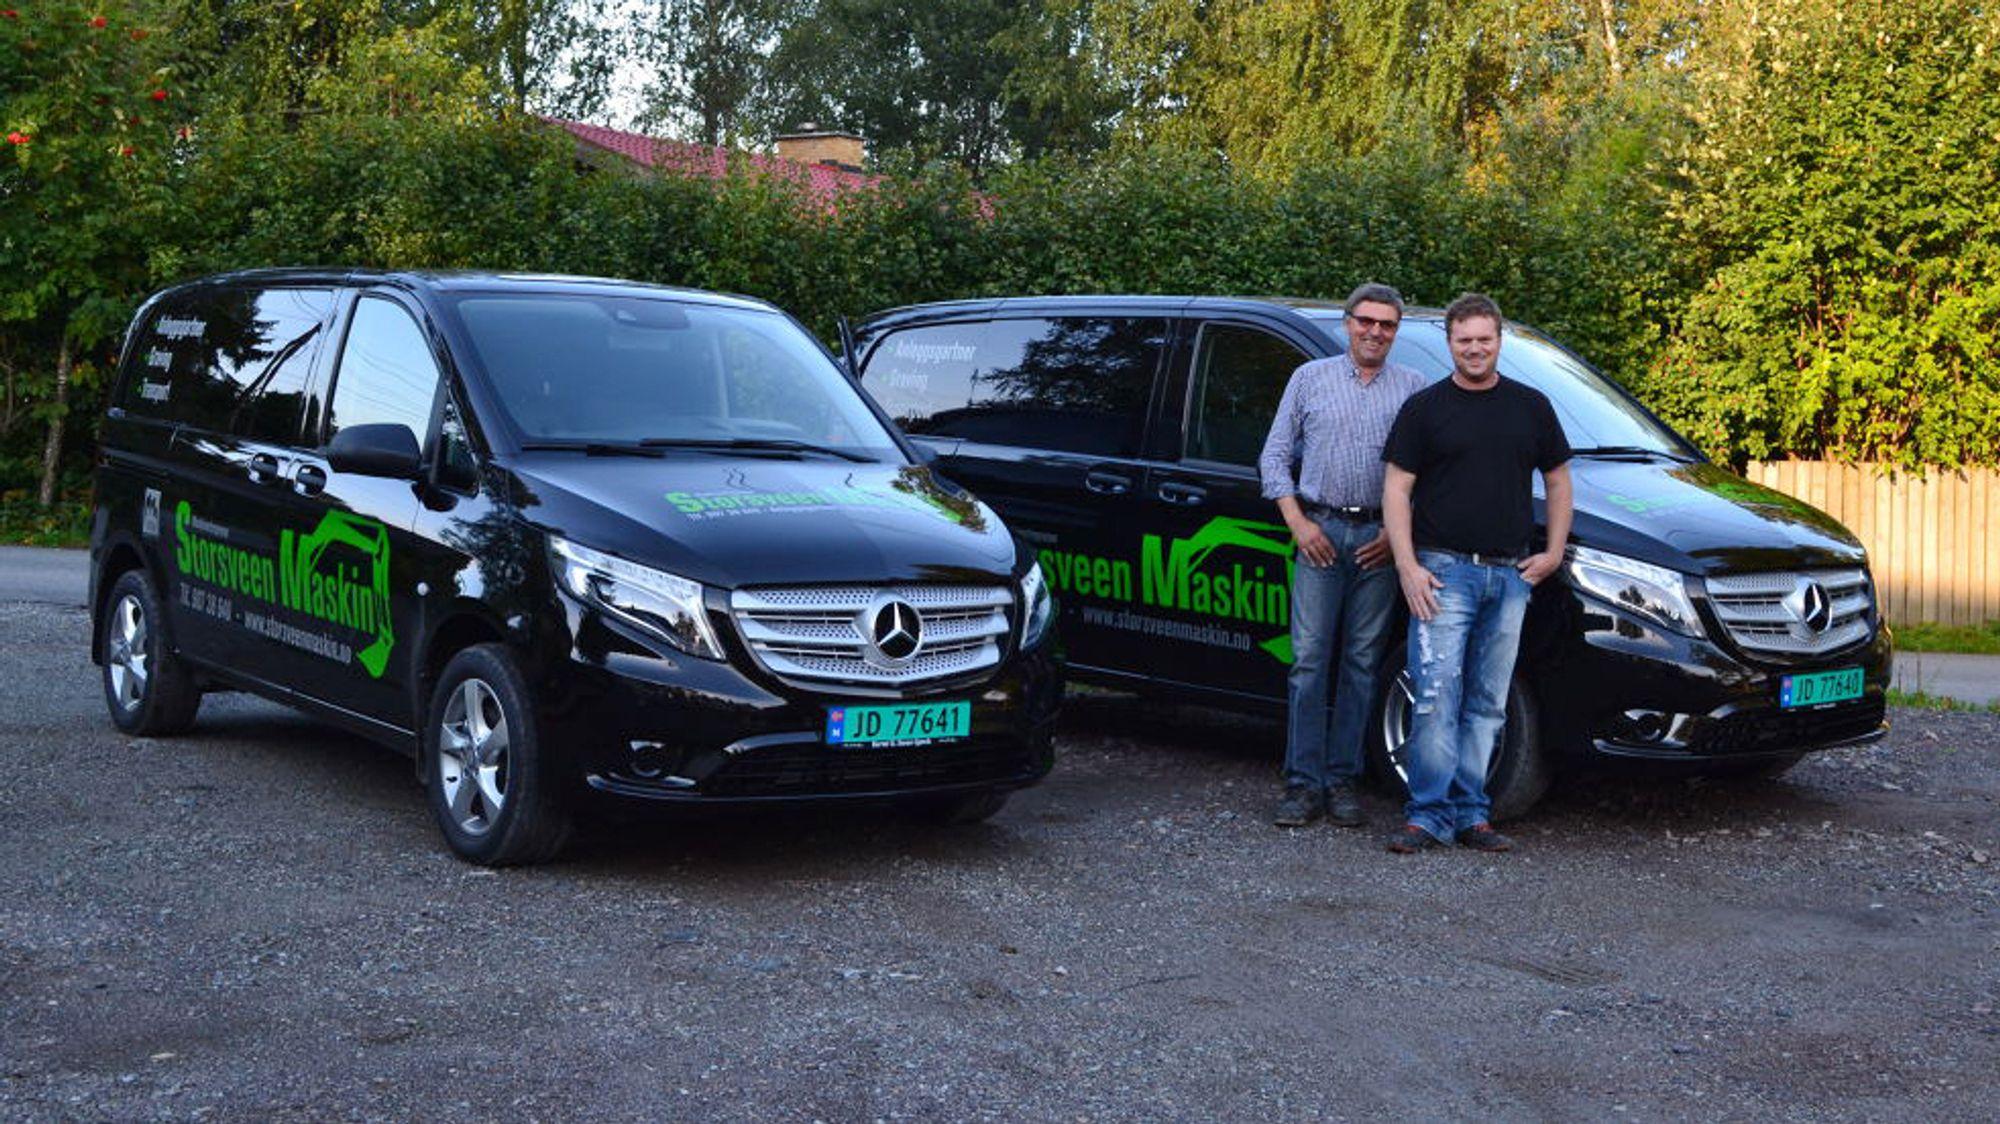 Magne og Egil Storsveen i nittedalsfirmaet Storsveen Maskin vant mot MT-Entreprenør i retten.